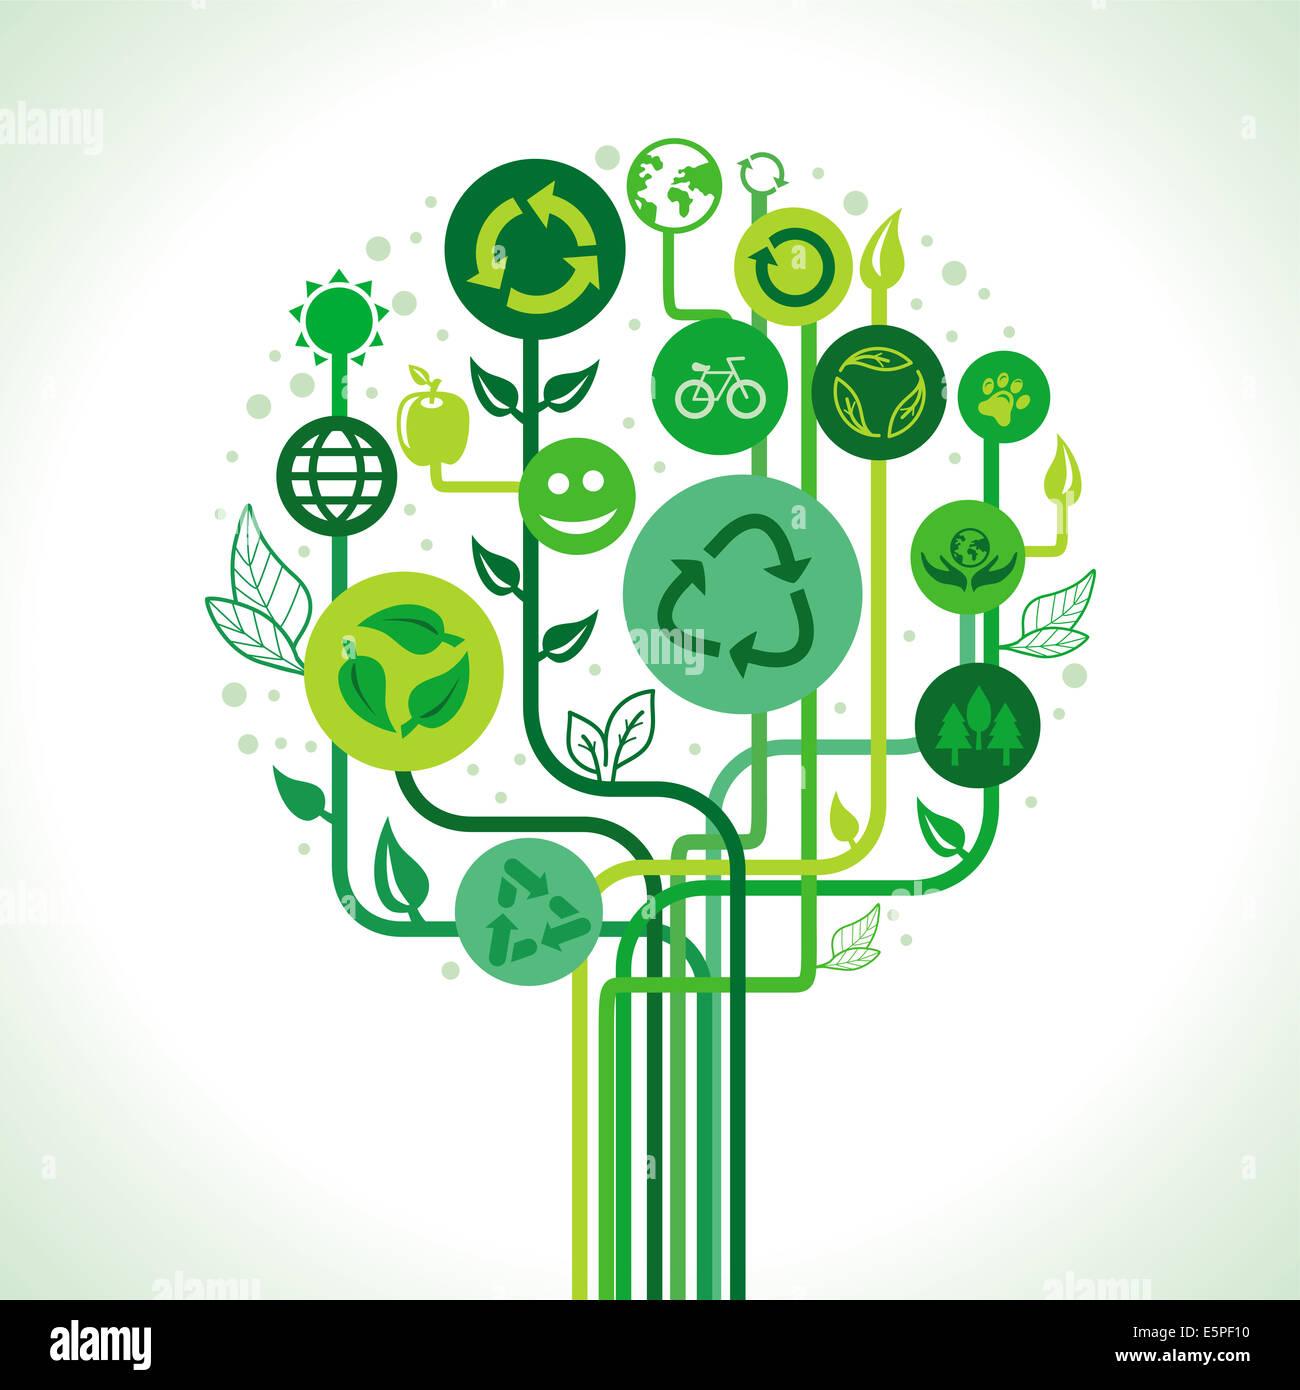 Ökologie-Konzept - abstrakte grüner Baum mit recycle Zeichen und Symbole Stockbild